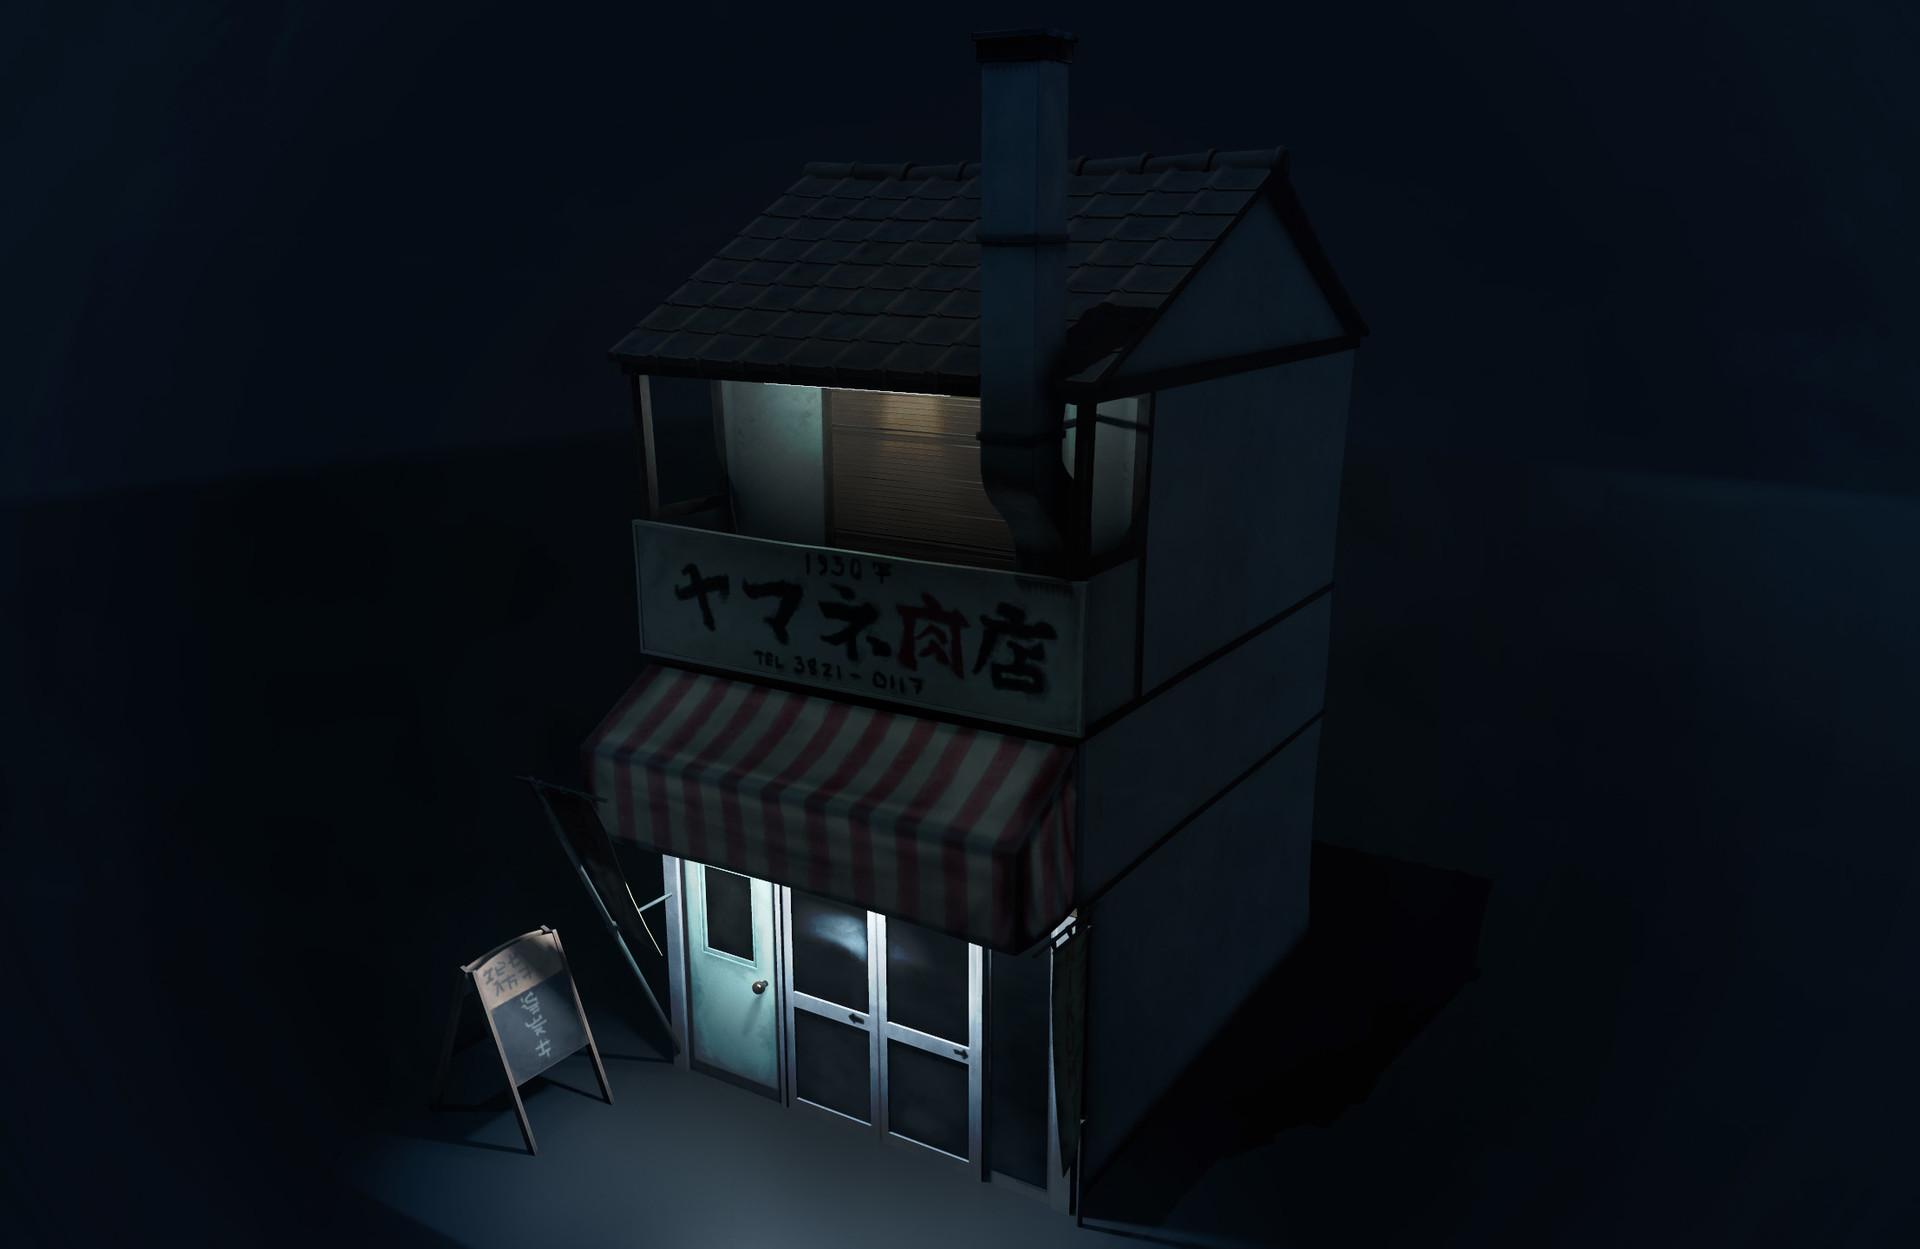 Alex voysey japaneseshop moonlight 03